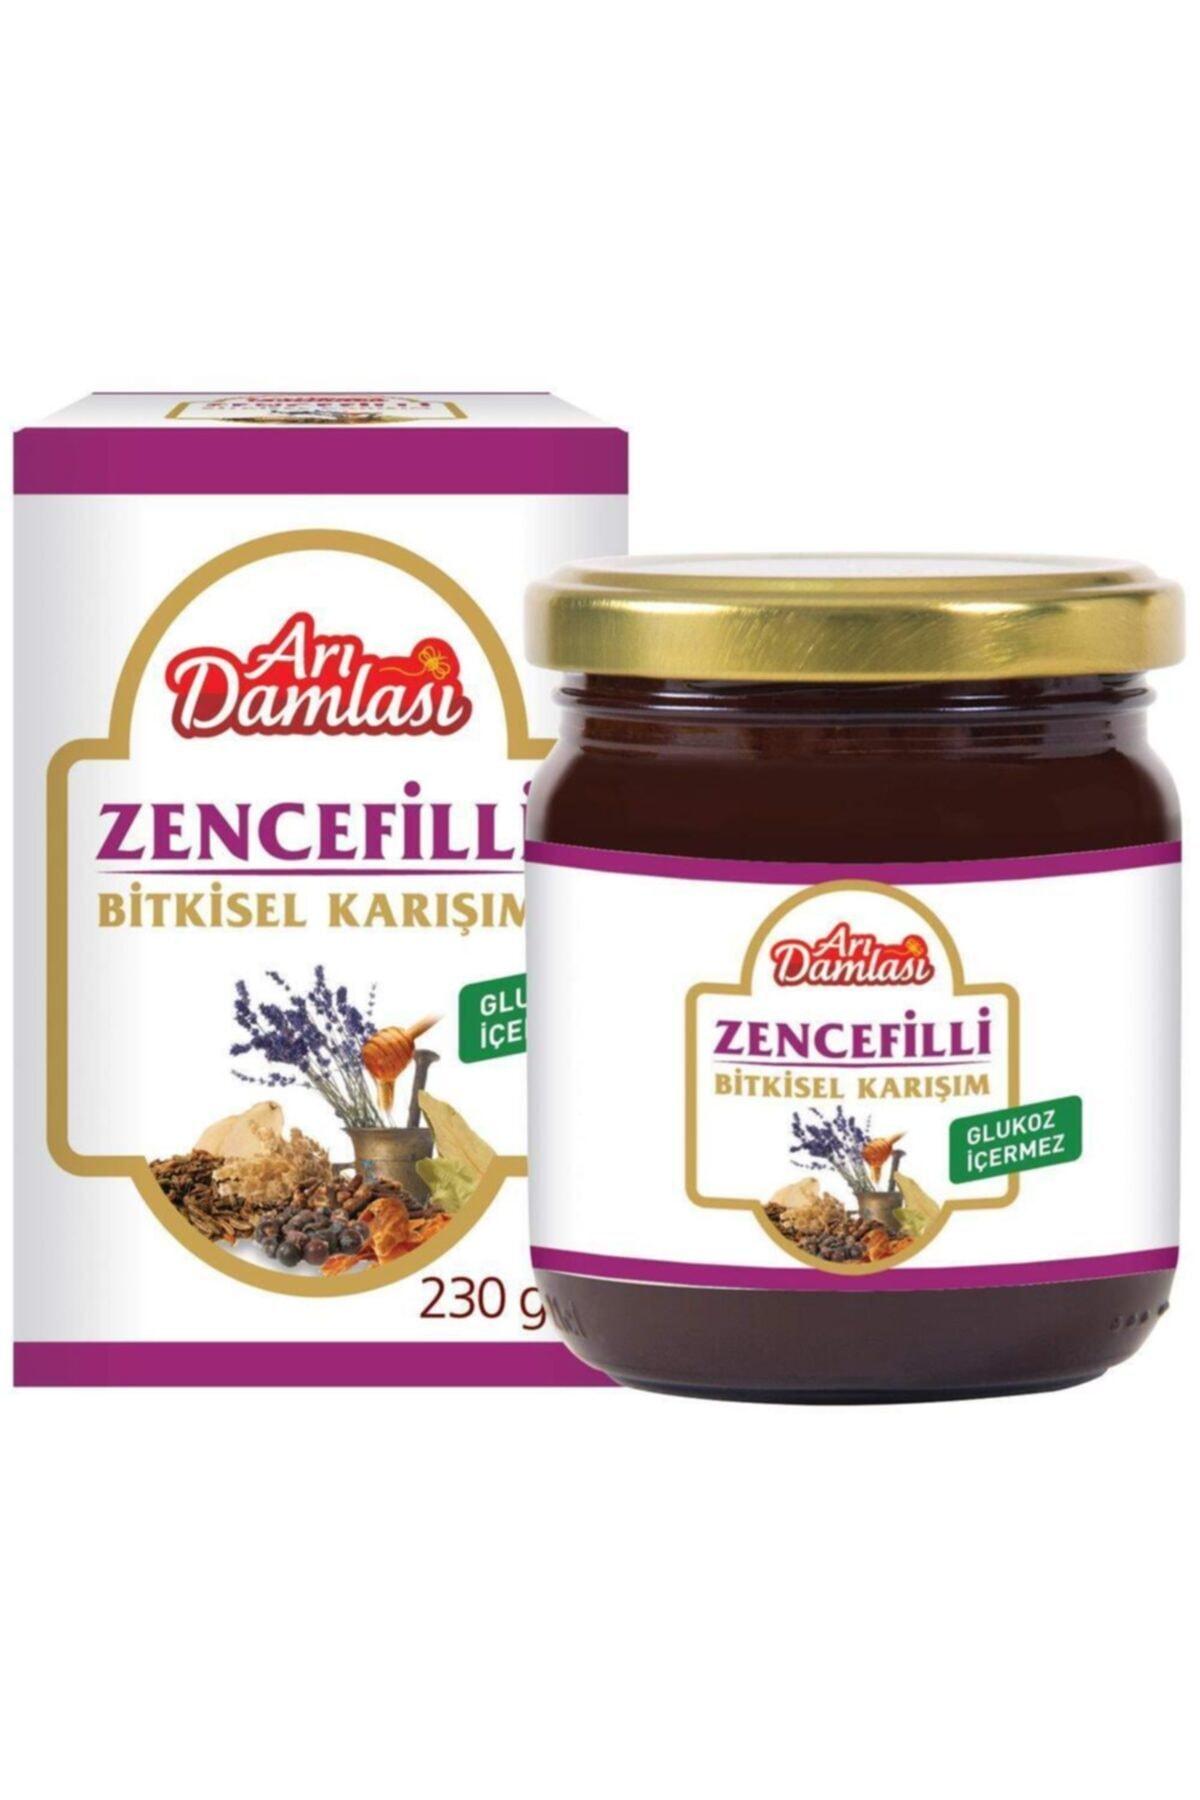 Arı damlası Zencefilli Karışım 230 Gr Katkısız %100 Doğal 1